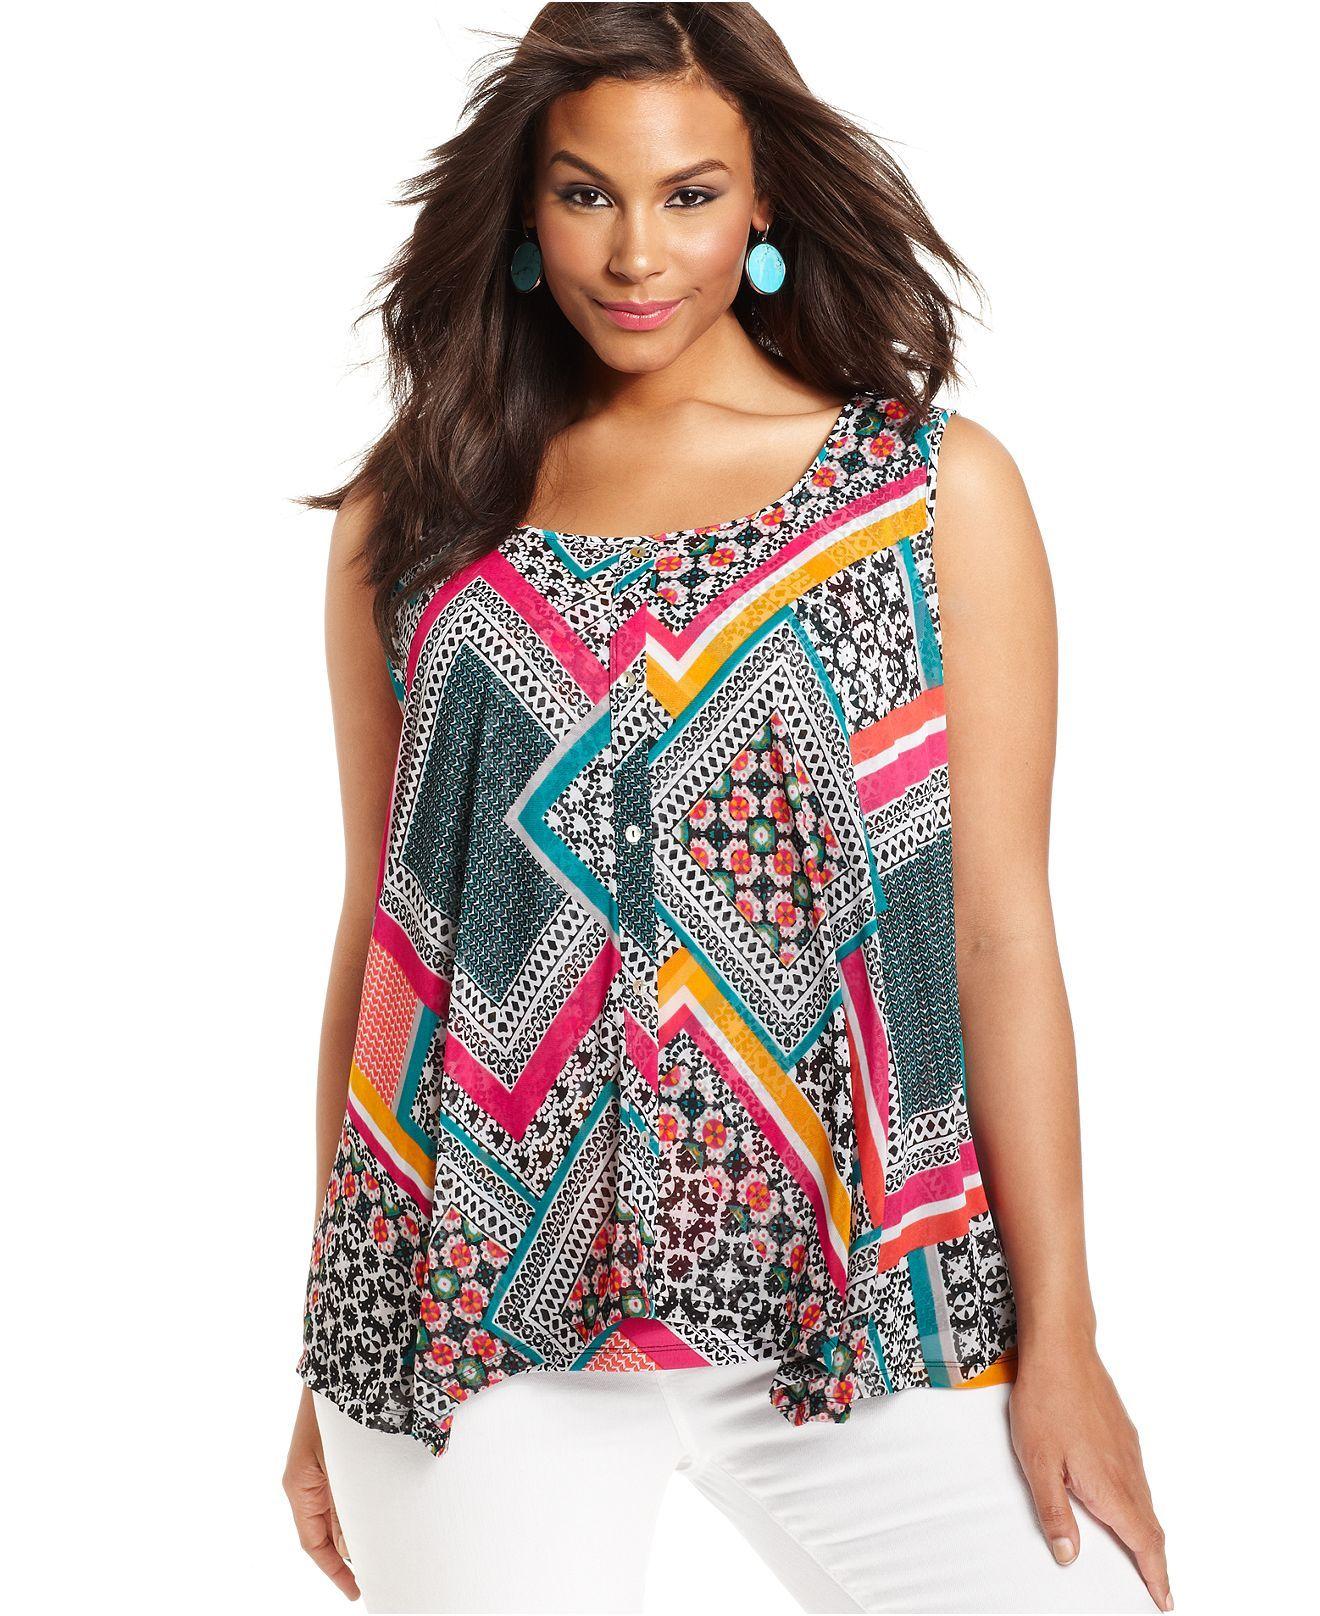 style plus size top, sleeveless printed - style - plus sizes